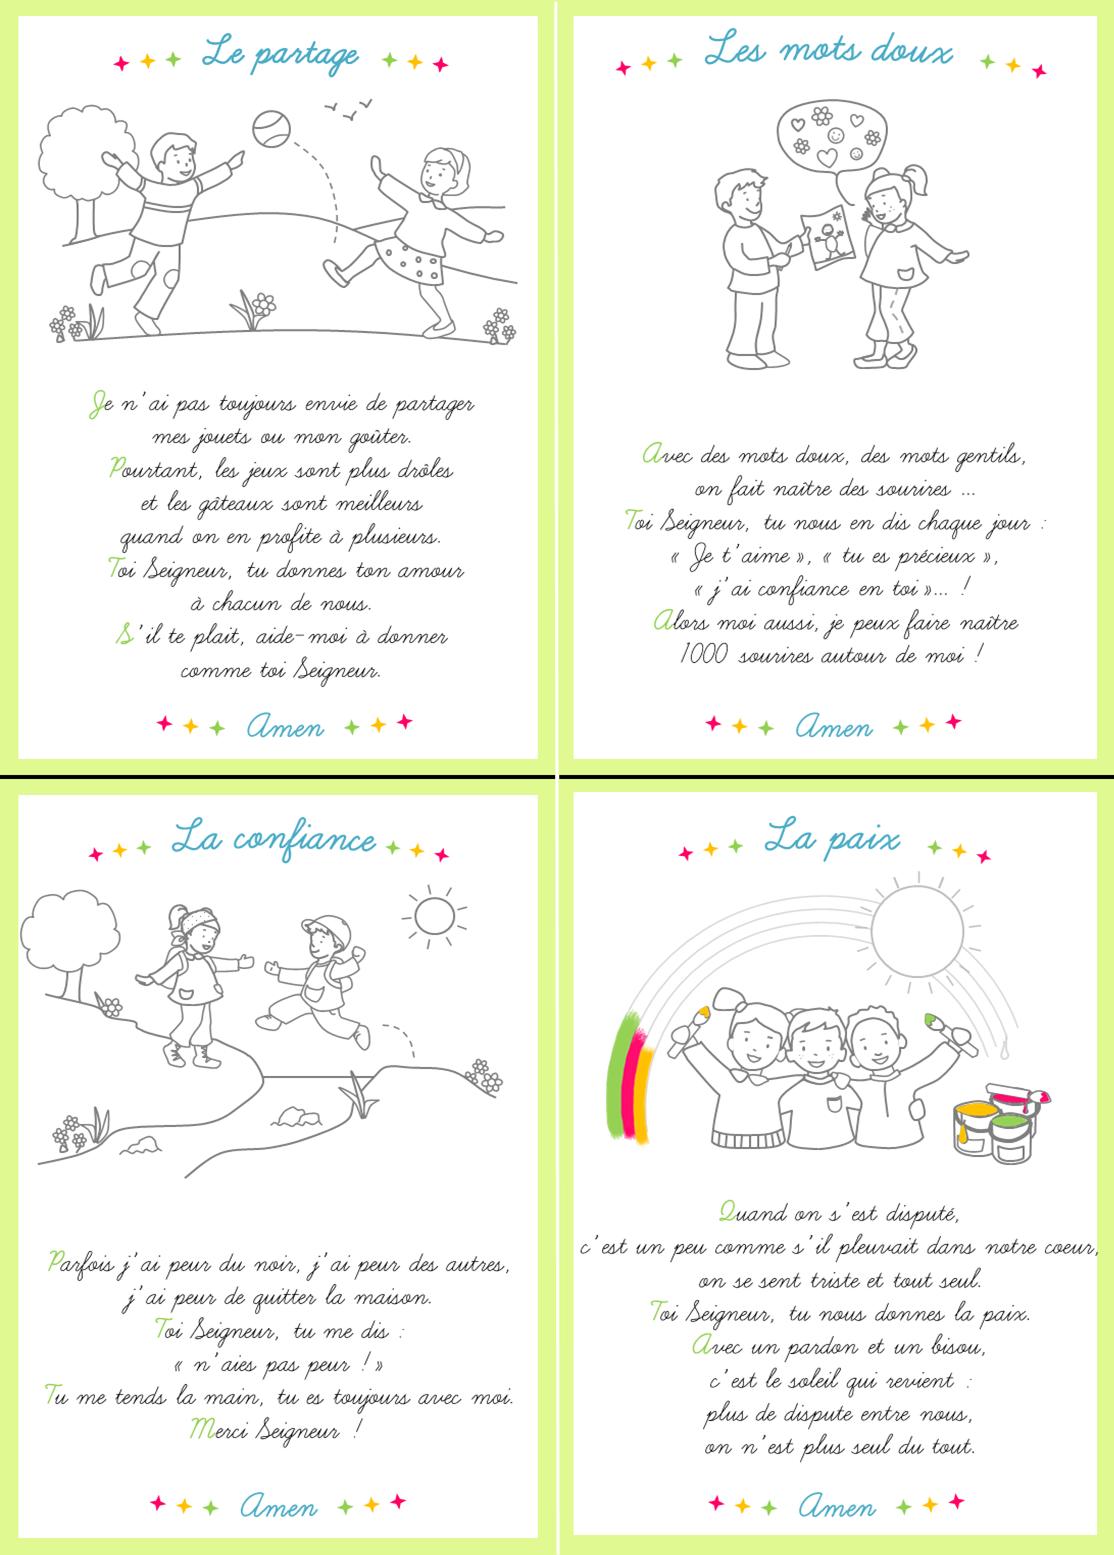 Cartes pri¨res pour les enfants  colorier Disponibles dans le journal gratuit pour l